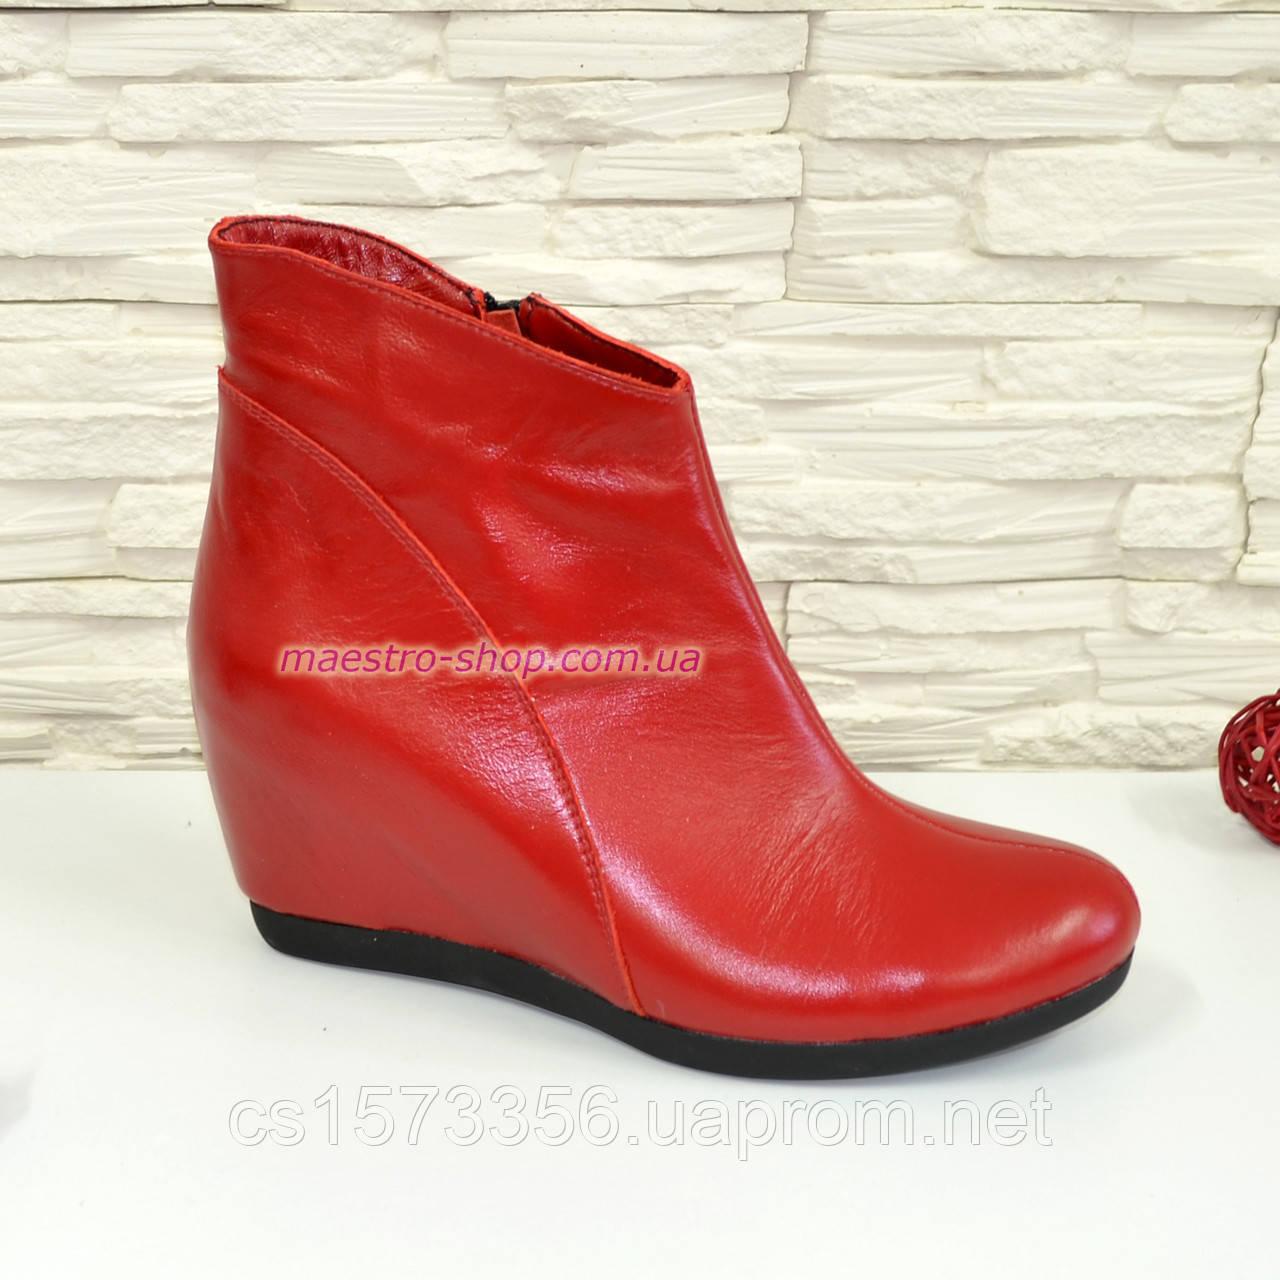 949c08e61 Ботинки зимние кожаные красные на танкетке на молнии женские ...